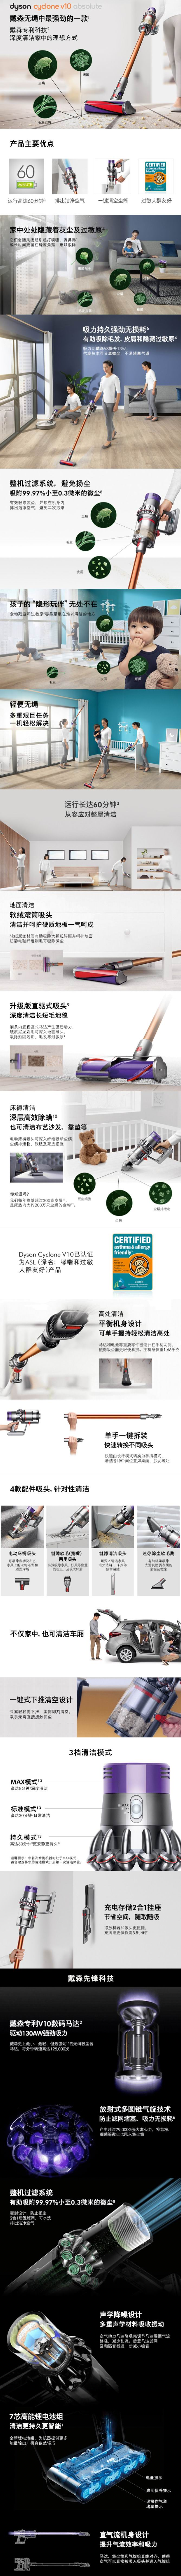 新品 Dyson 戴森 Cyclone V10 手持式 无绳吸尘器9折 539.99加元起!3款可选!